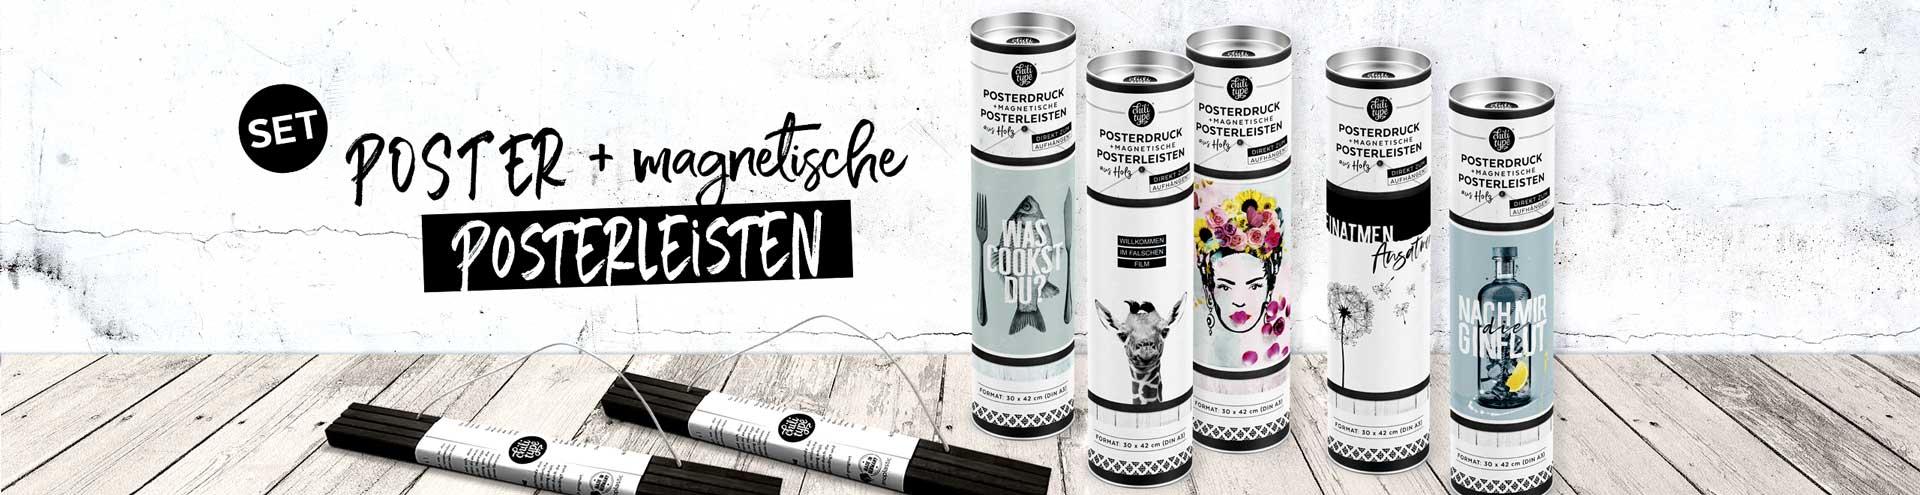 Kunstdruck + magnetische Posterleisten im Set